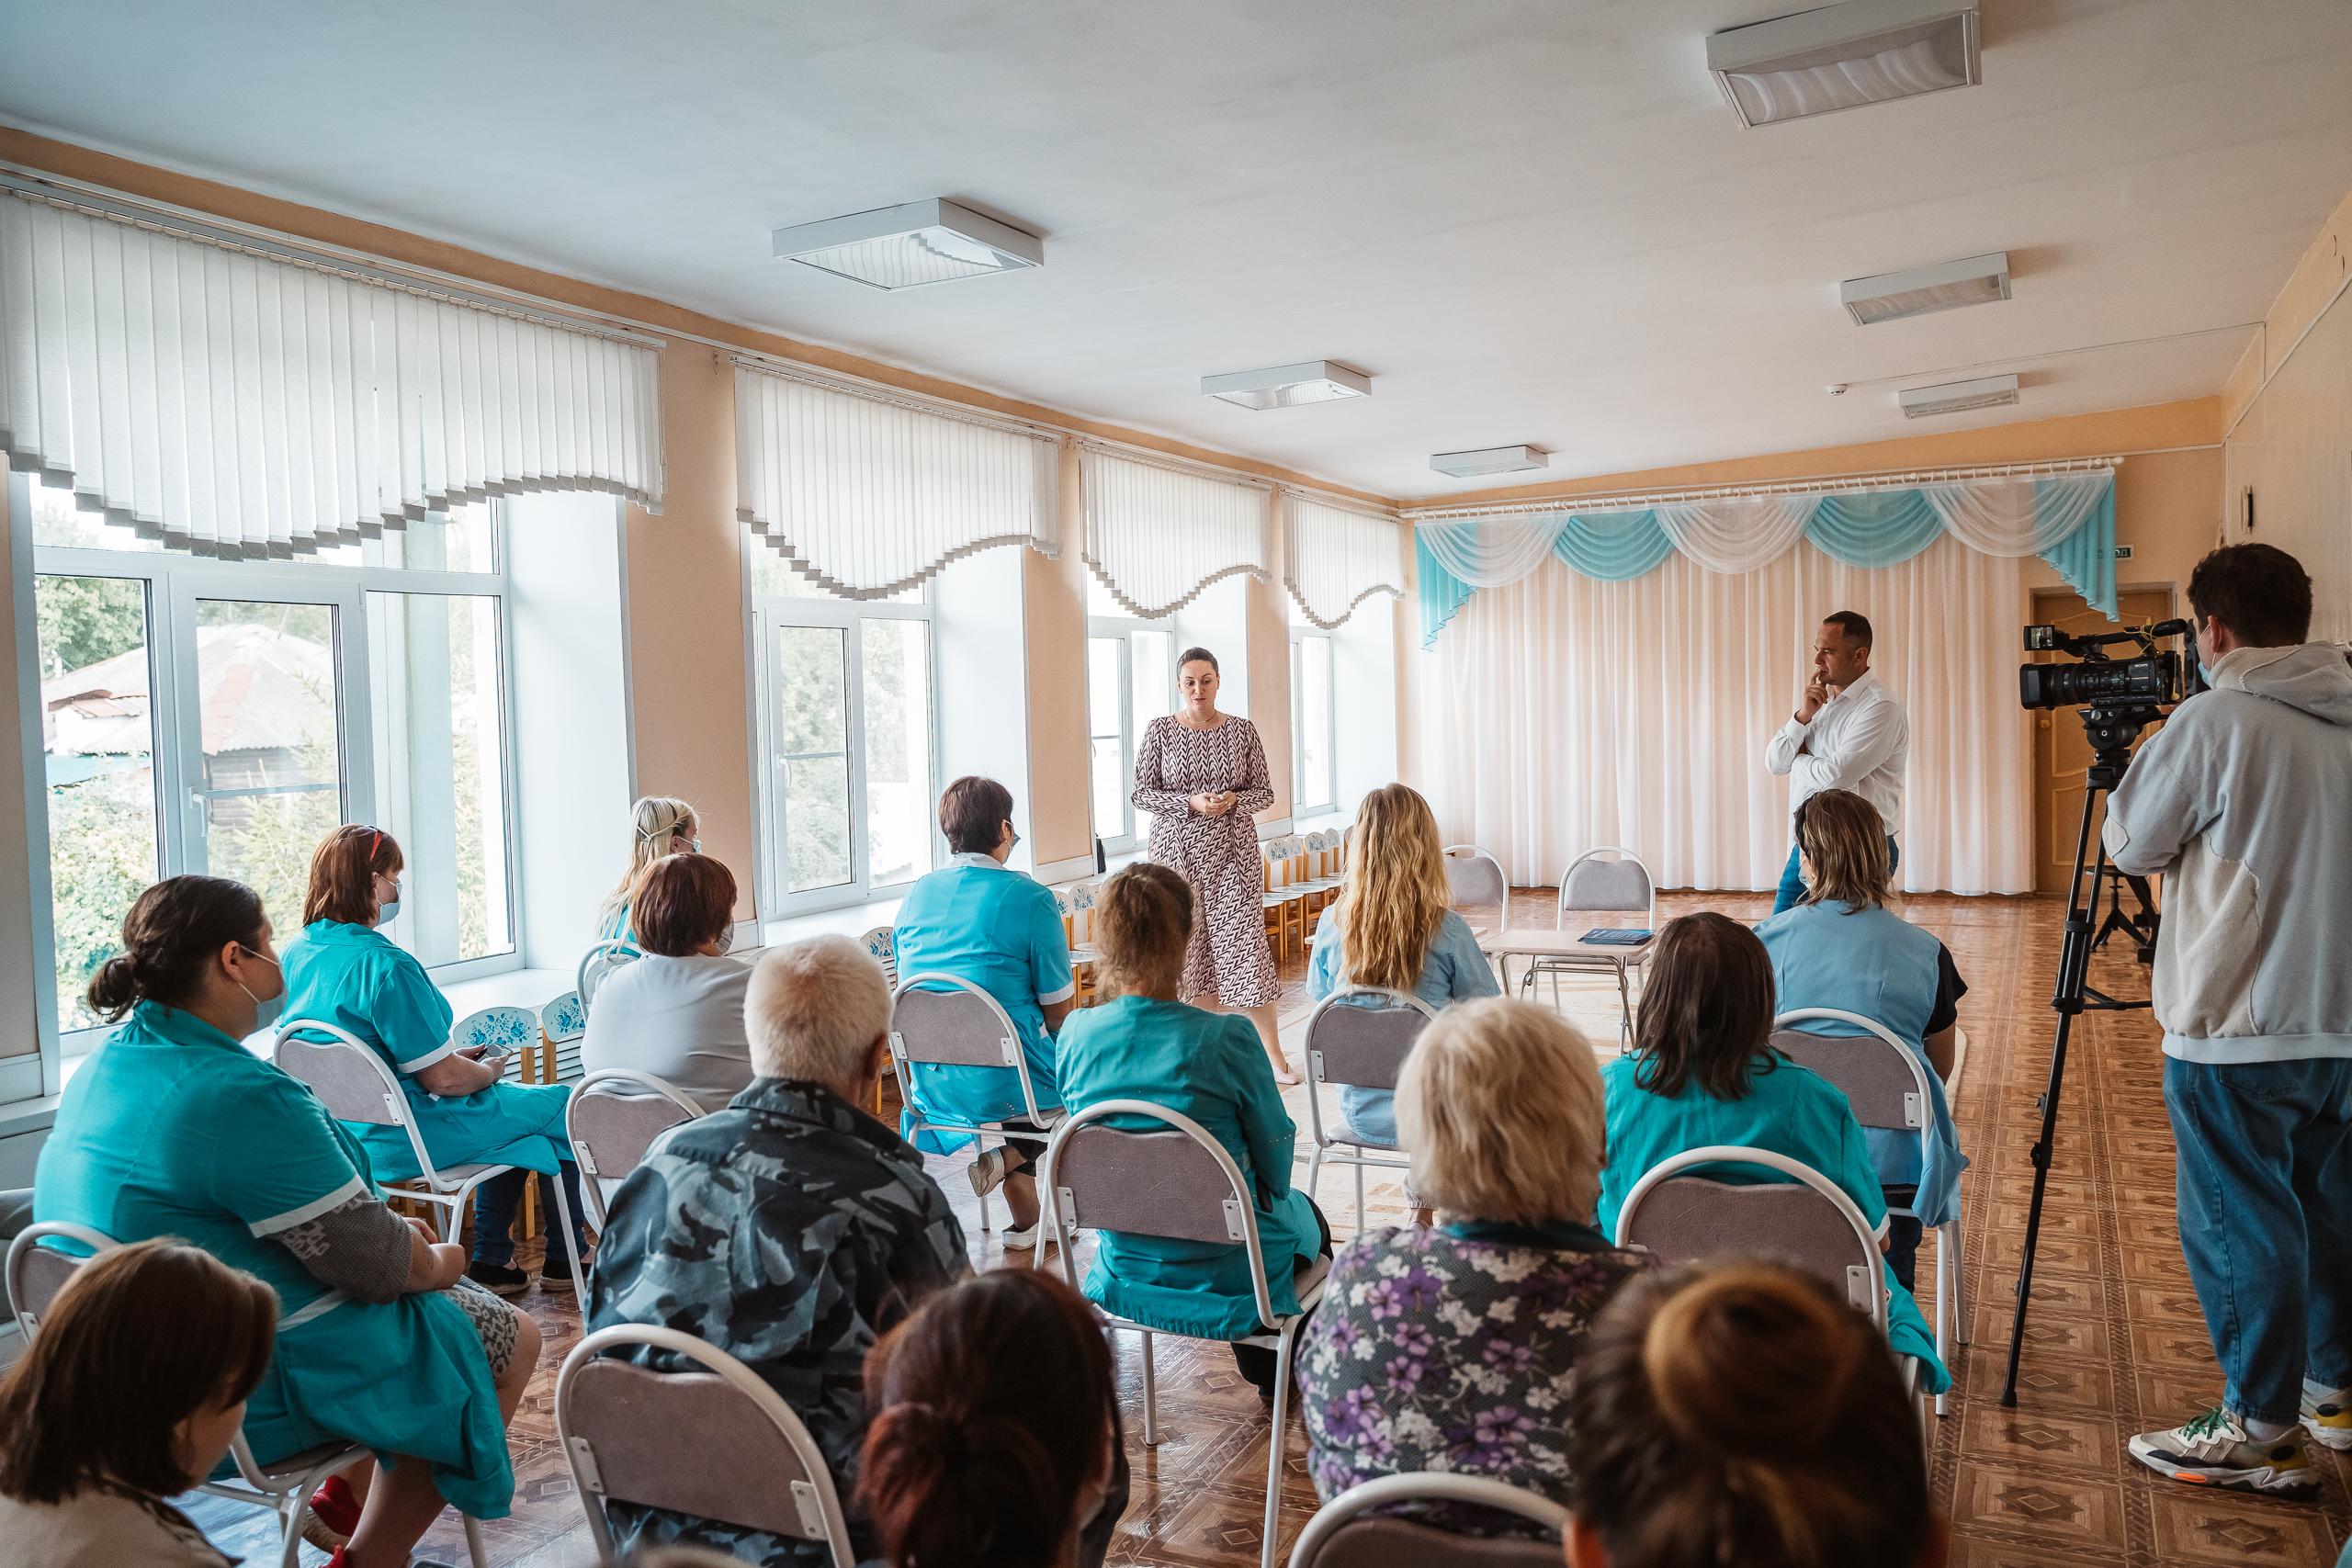 Не просьба, а крик души: у Юлии Сарановой попросили помощи воспитатели детского сада